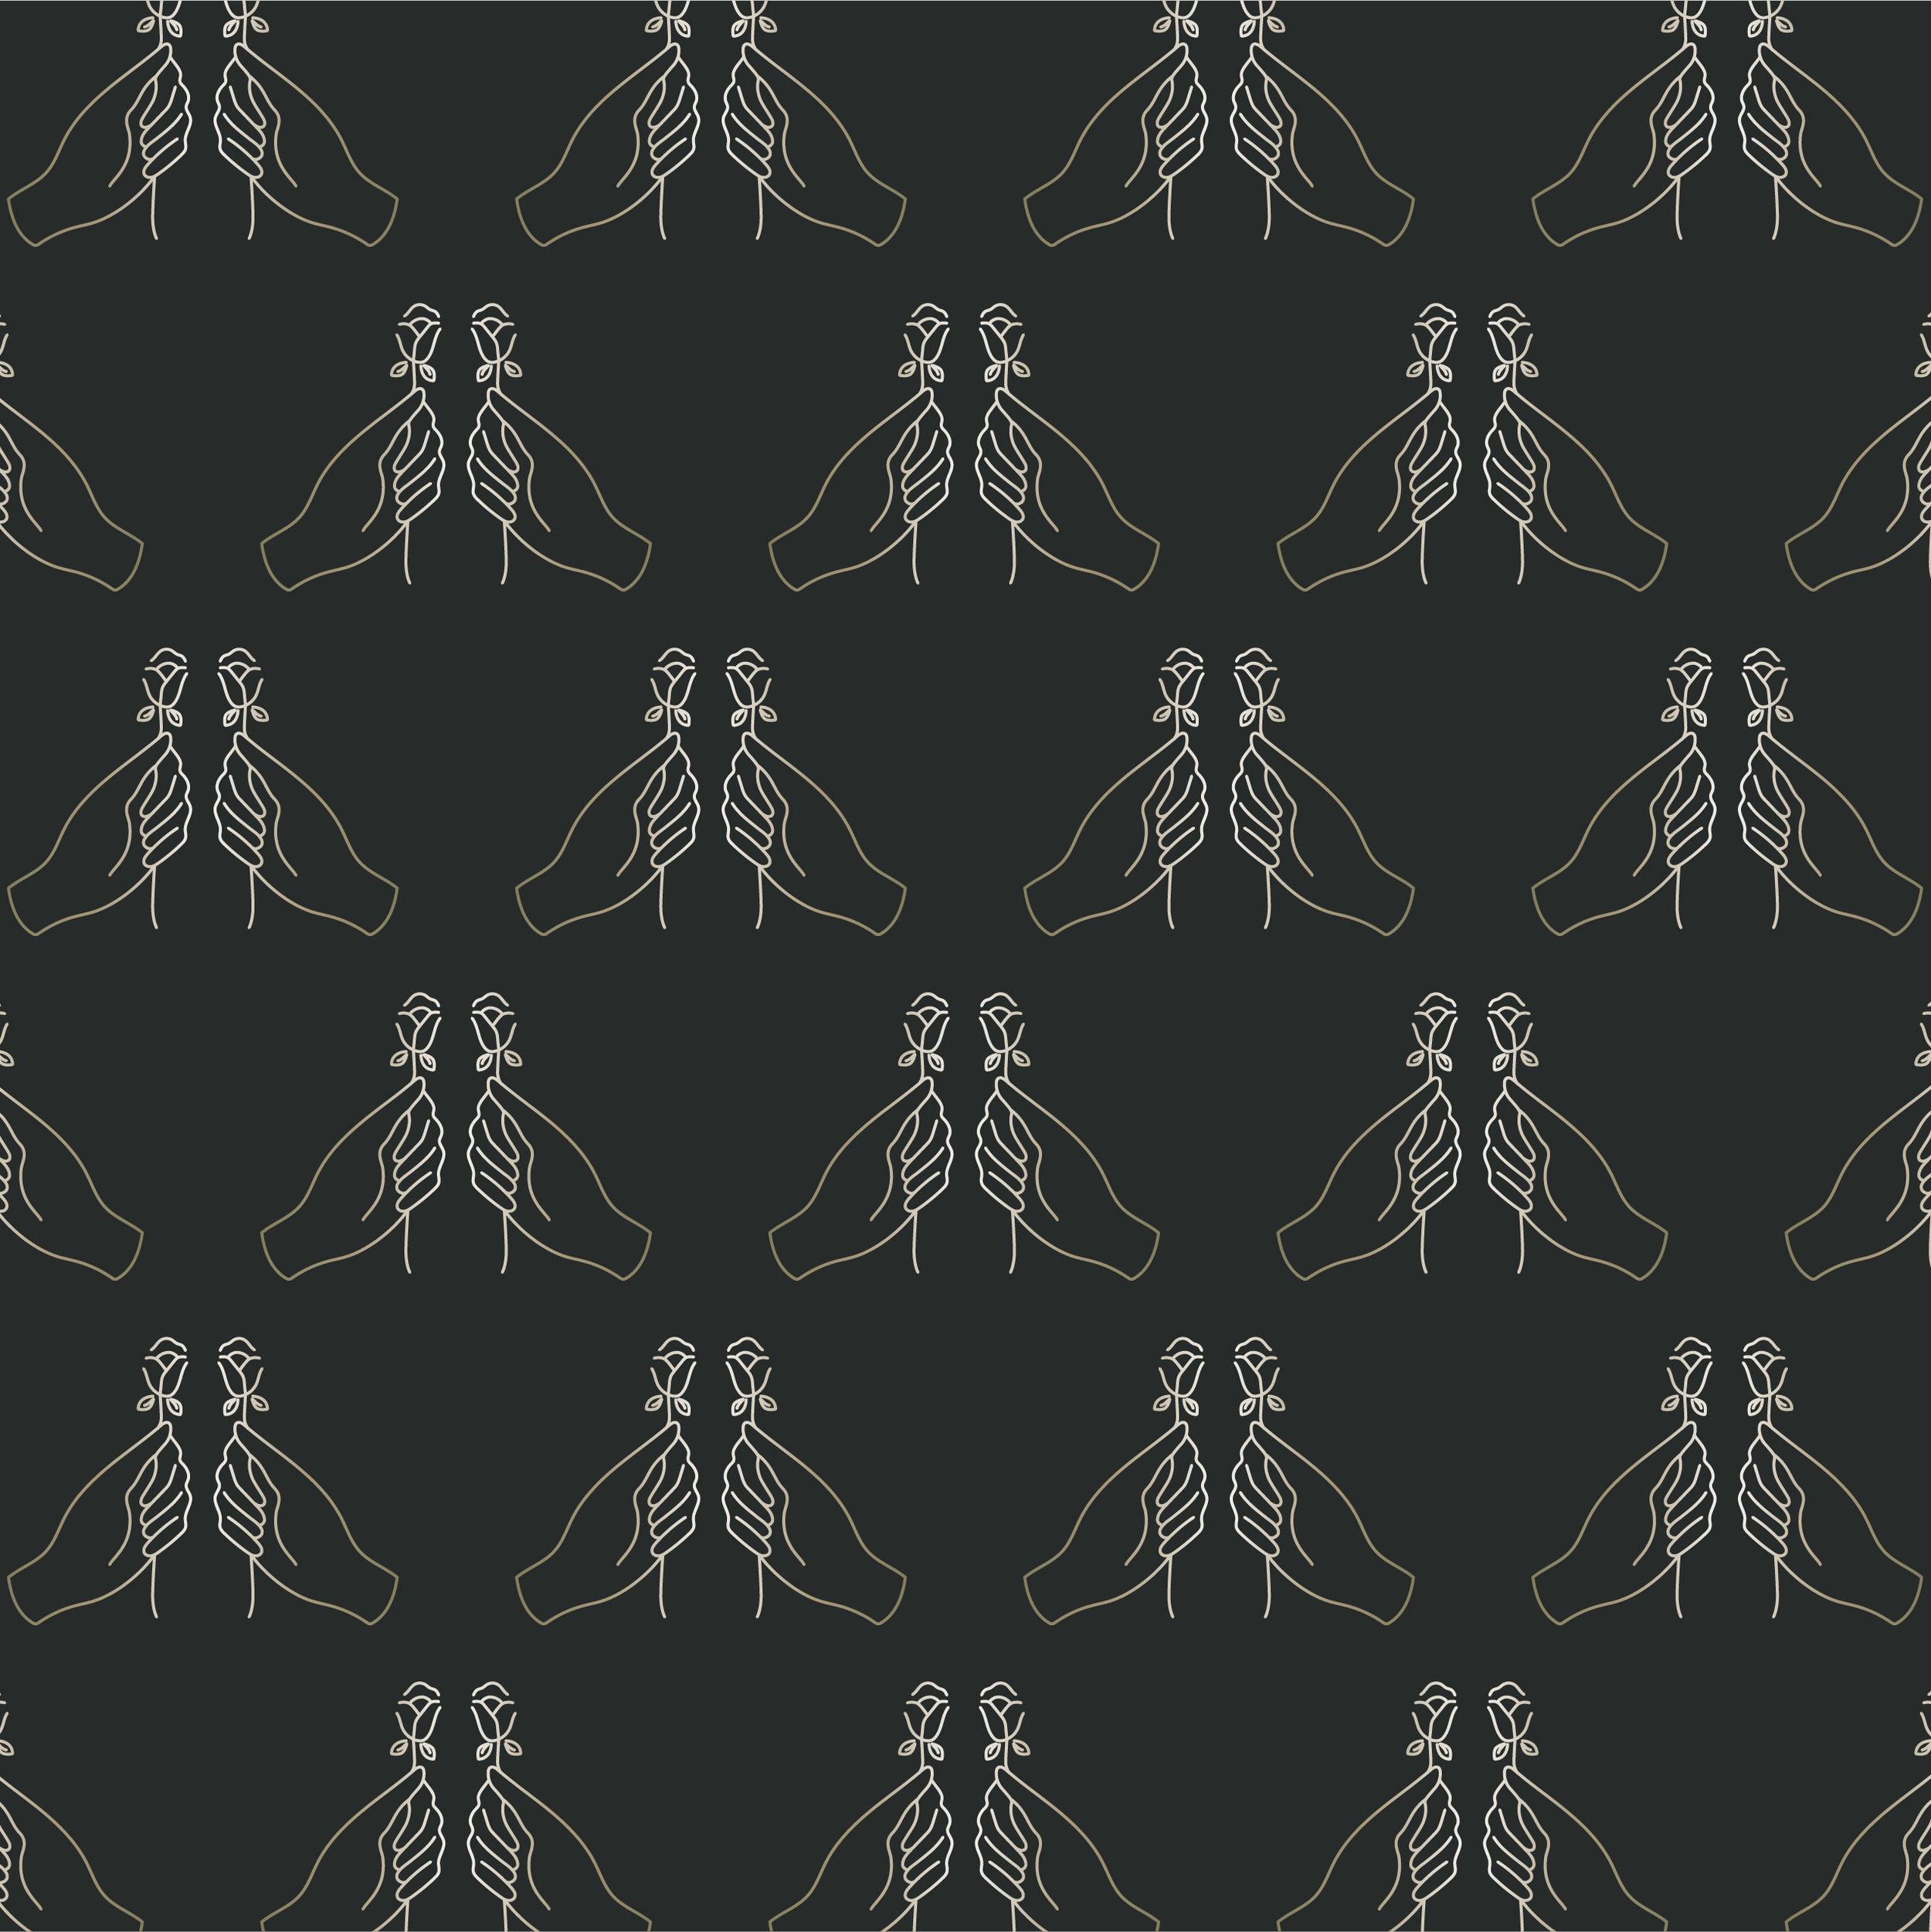 Hands Illustration-02.jpg